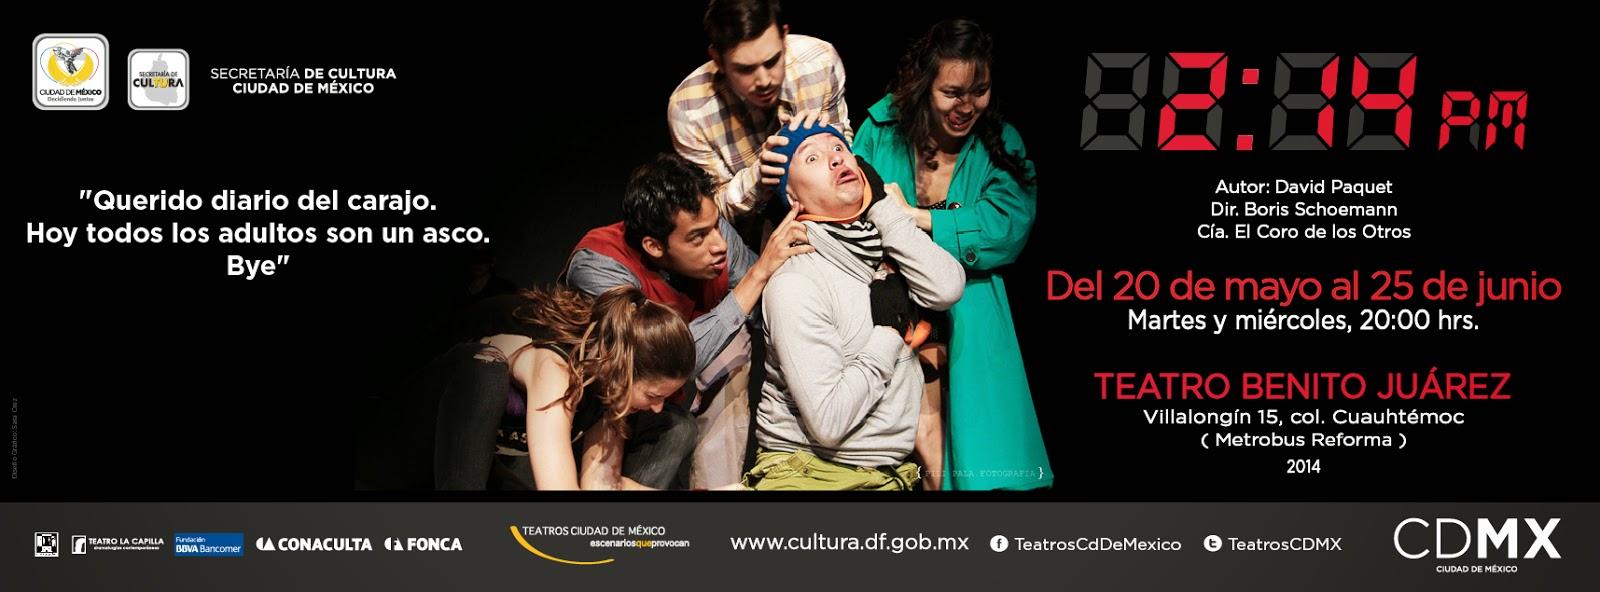 """Estreno de """"2:14 pm"""" en el Teatro Benito Juárez"""